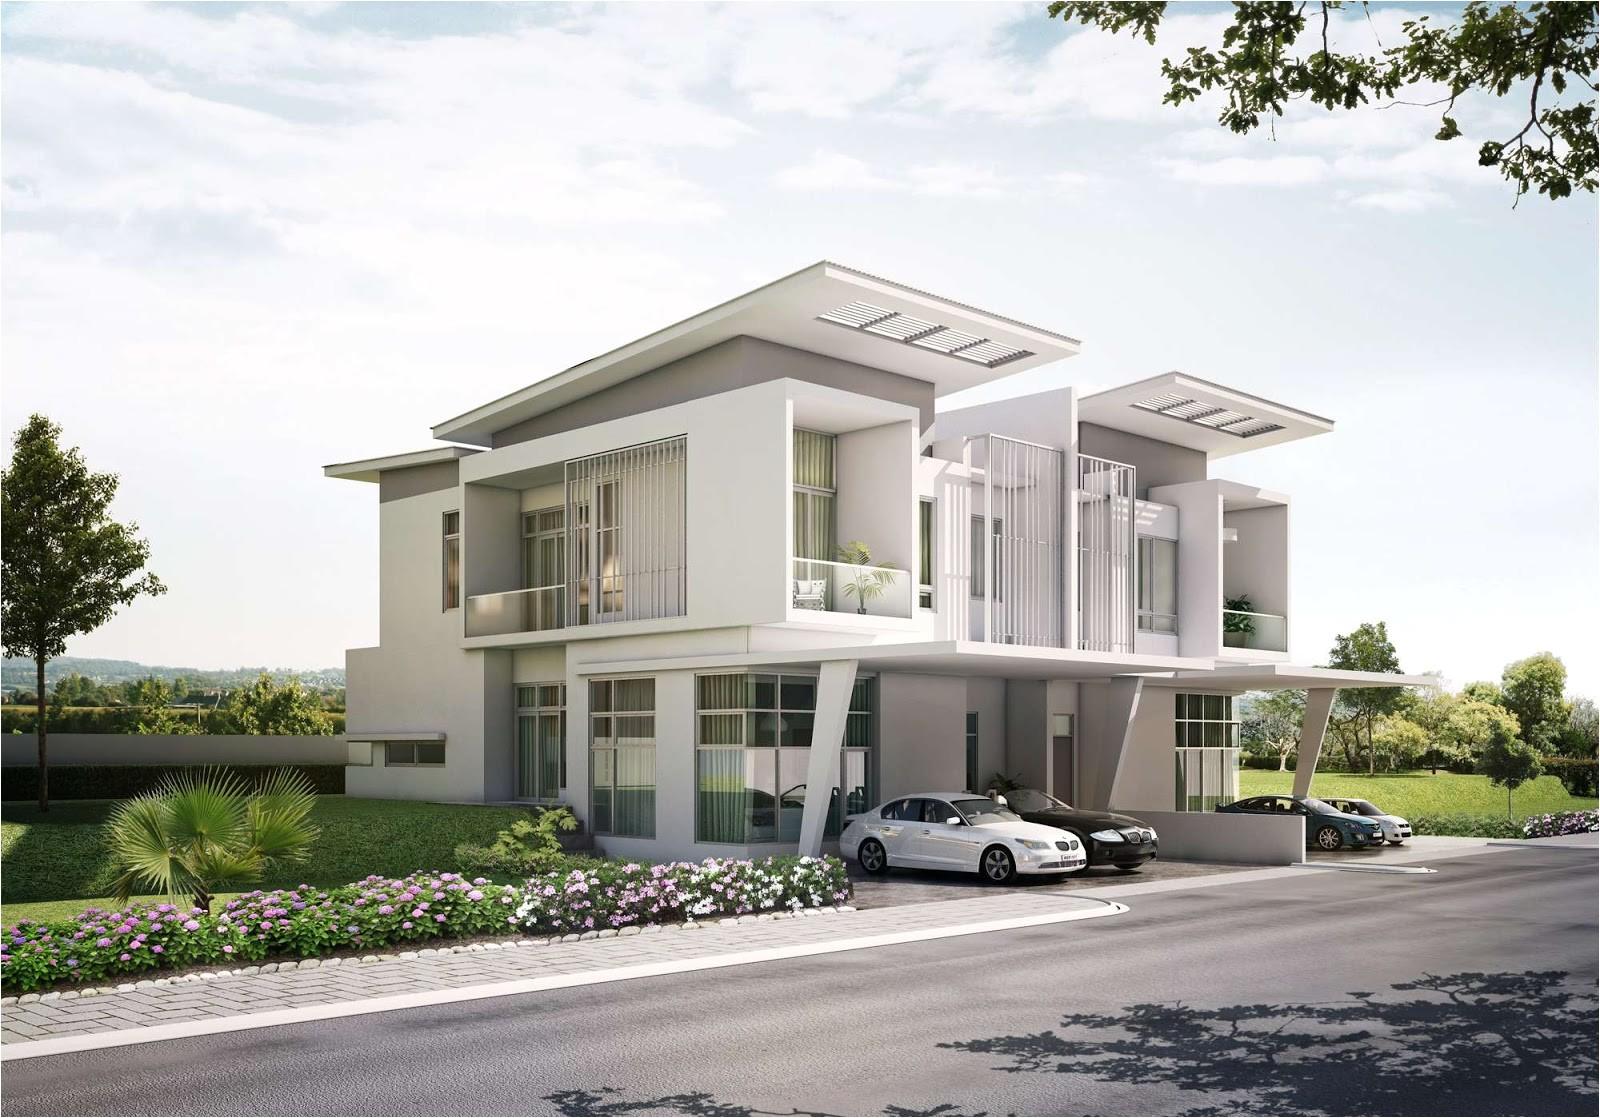 long lasting exterior house paint colors ideas